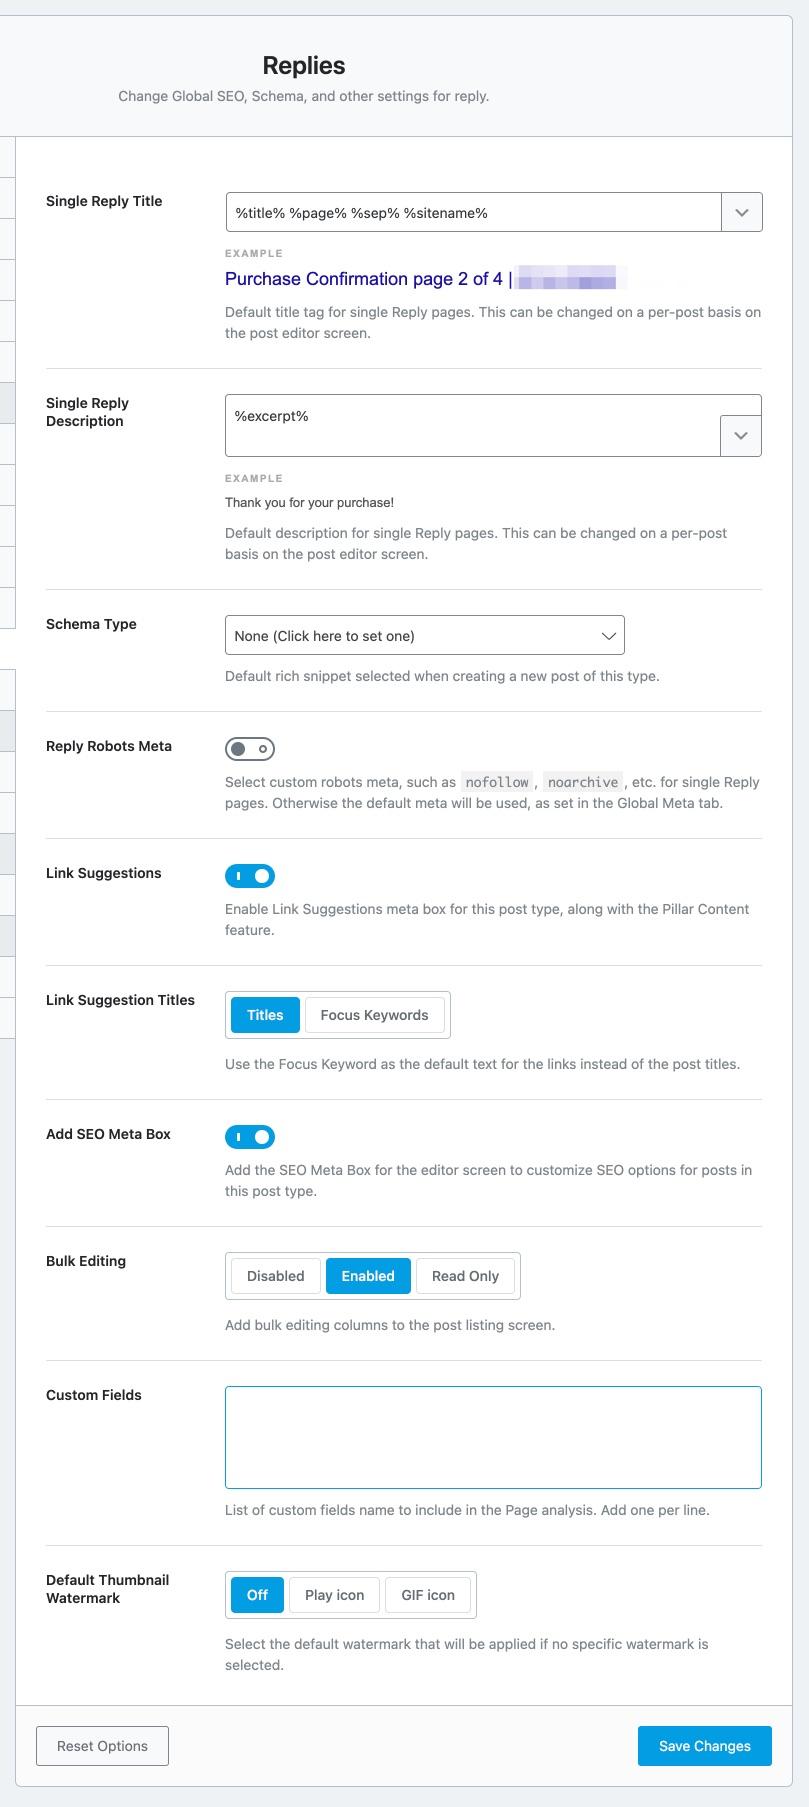 All settings in replies